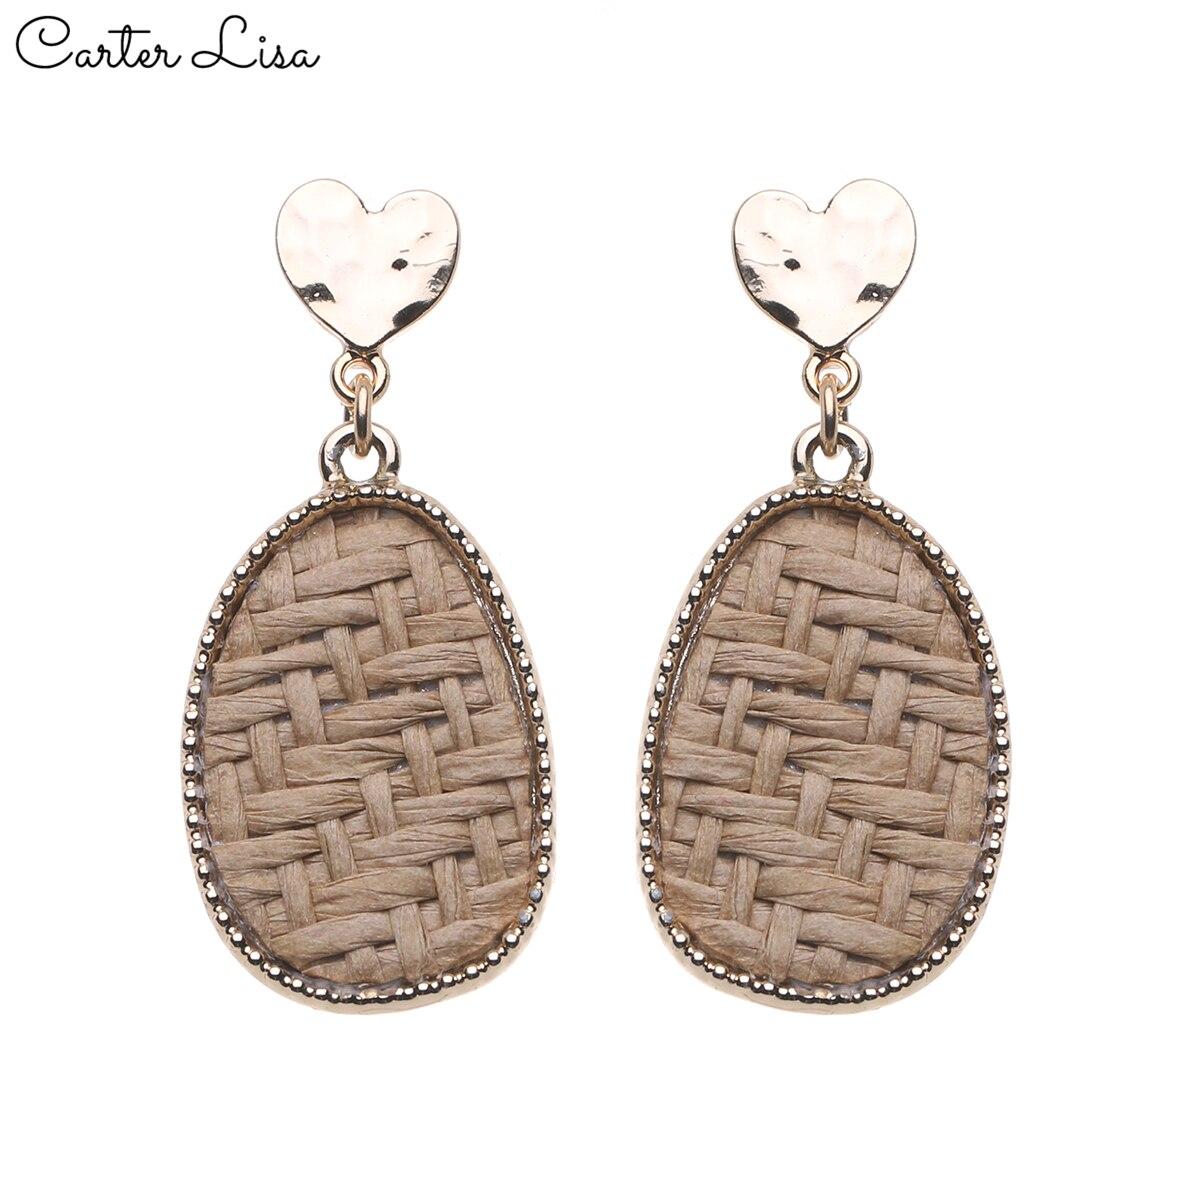 CARTER LISA Fashion Bohemian Style Round Straw Woven Dangle Earrings For Women Round Ear Dangle Drop Earrings Jewelry HDEA-055